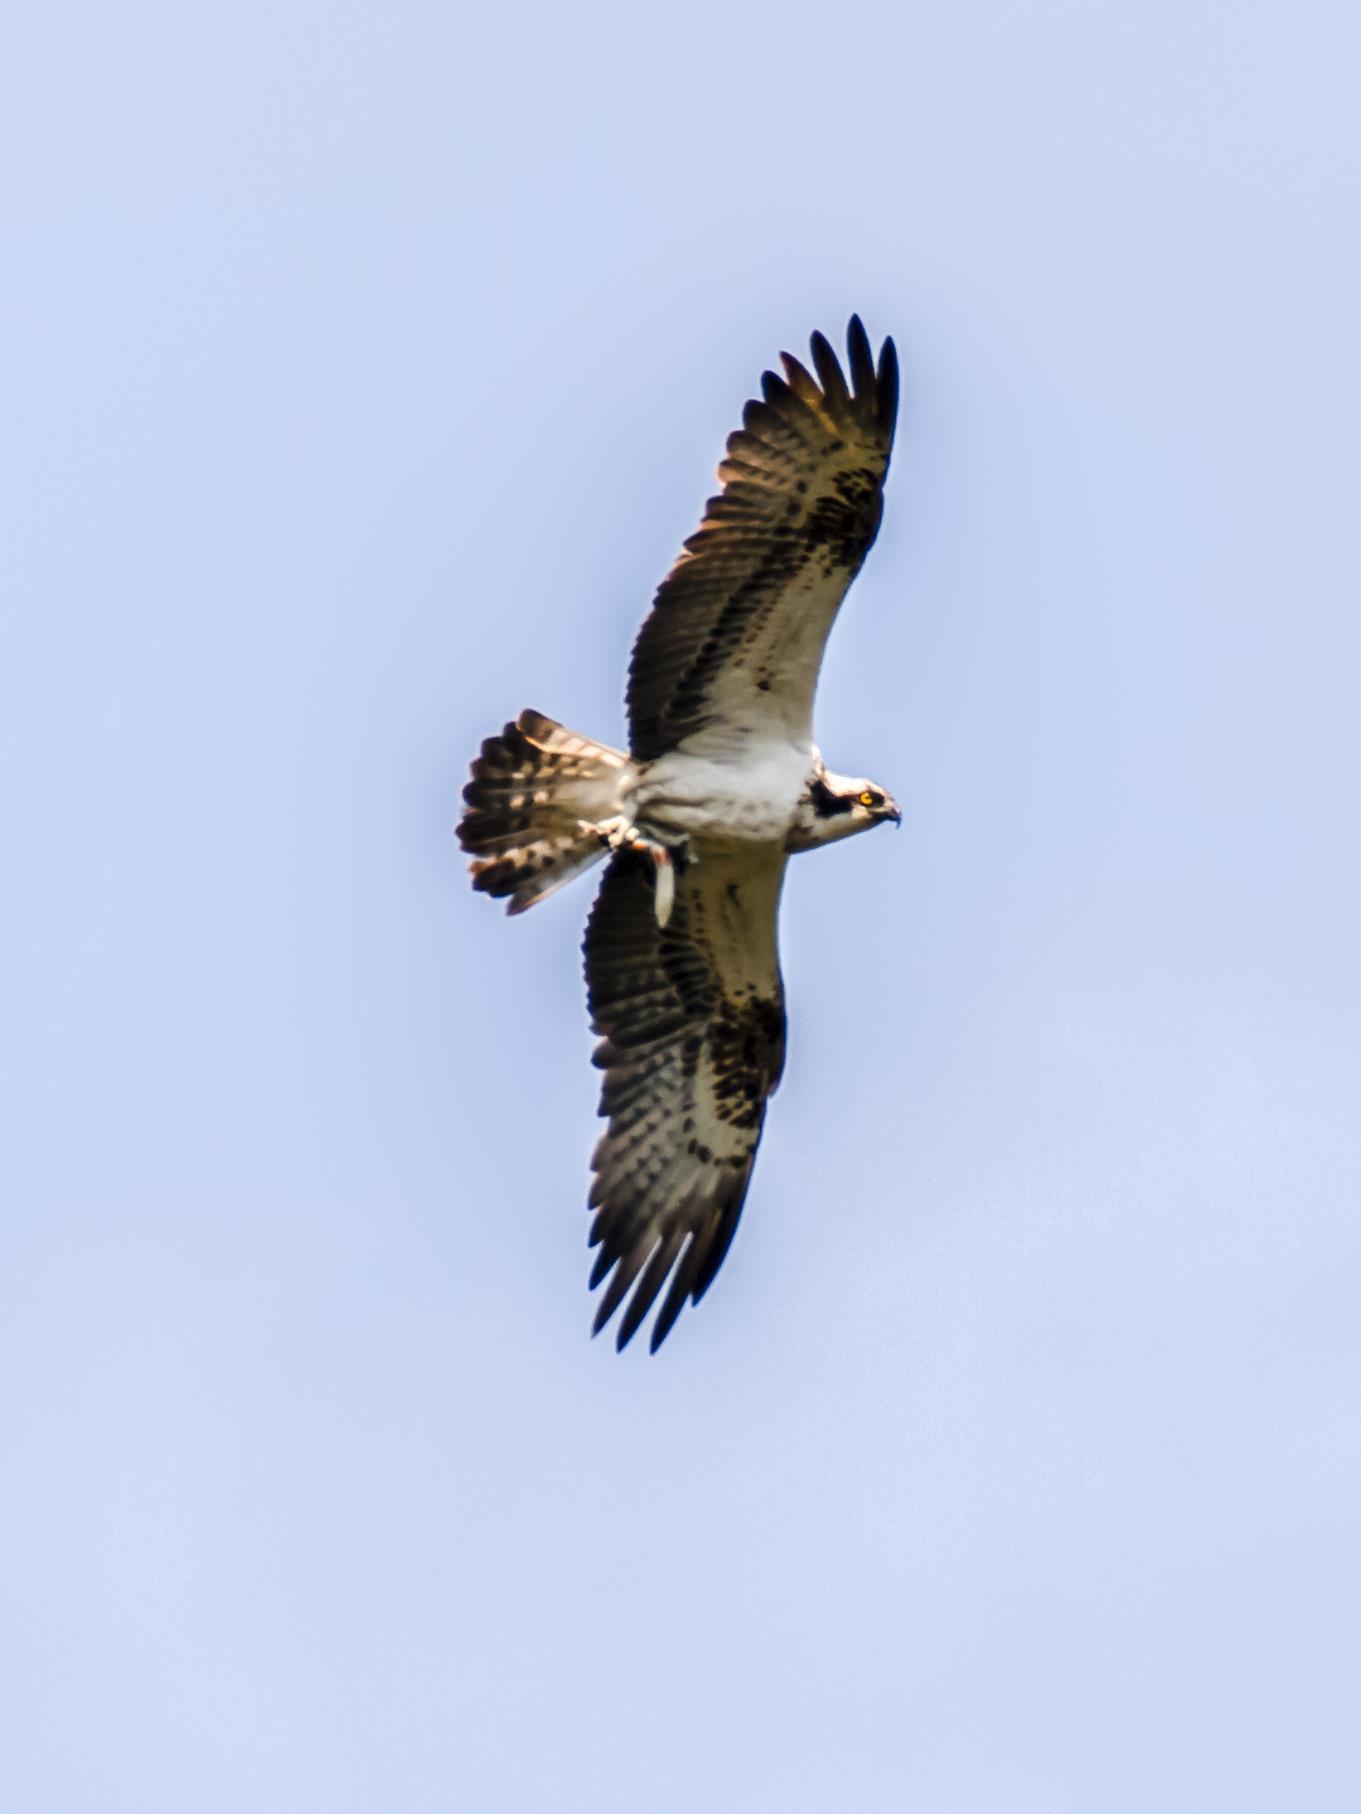 Der Fischadler nutzt die Teiche als Jagdgebiet.